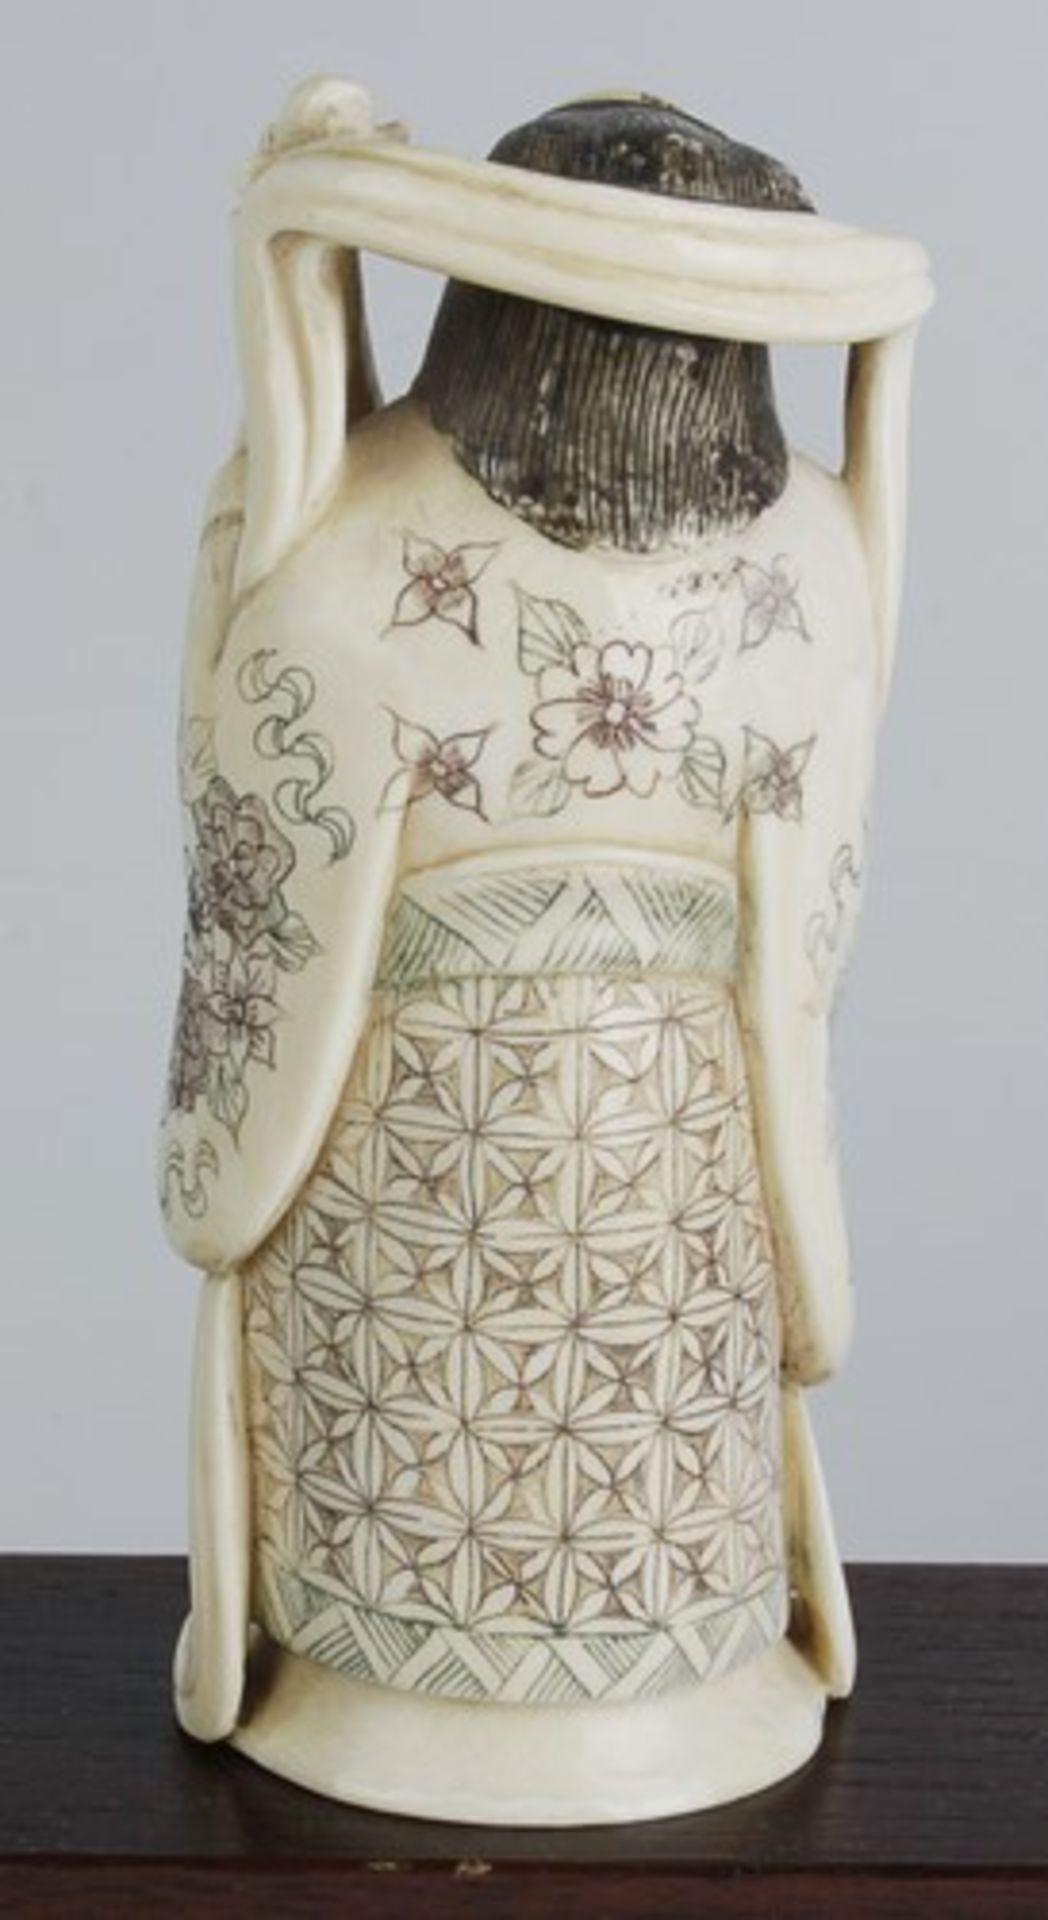 Figurengruppe - Chinaum 1920, 7x vollplastische Elfenbein-Schnitzereien, partiell geschwärzt, - Bild 10 aus 24